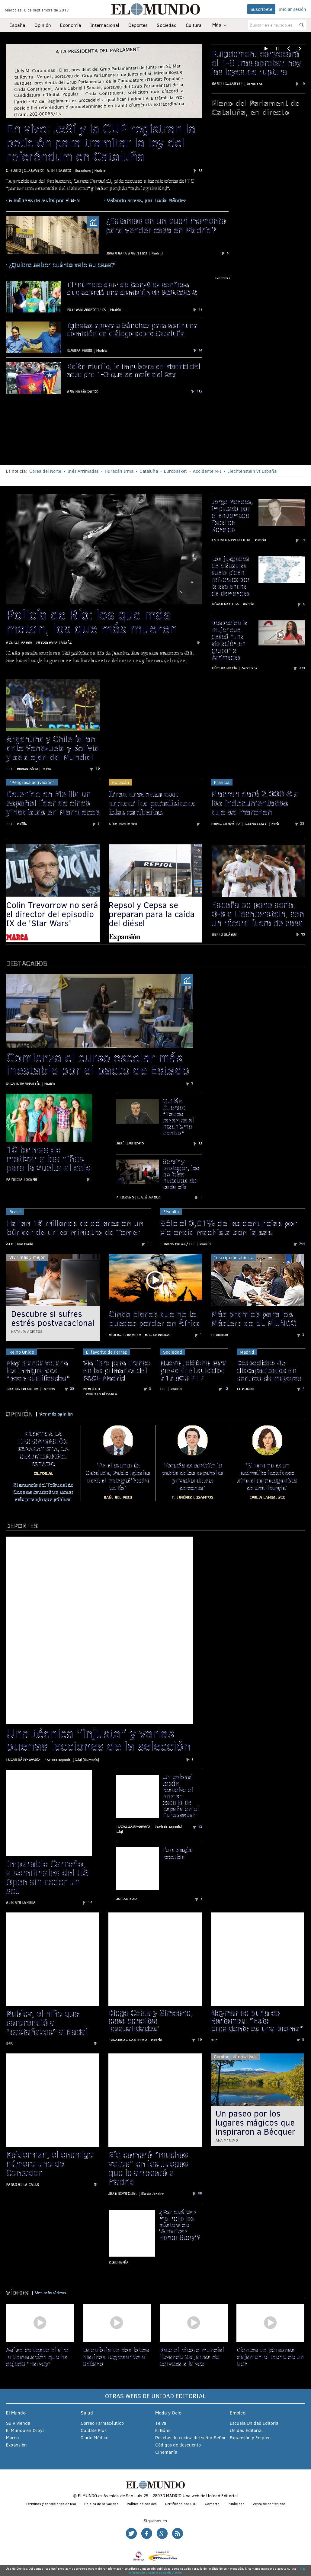 El Mundo at Wednesday Sept. 6, 2017, 8:09 a.m. UTC